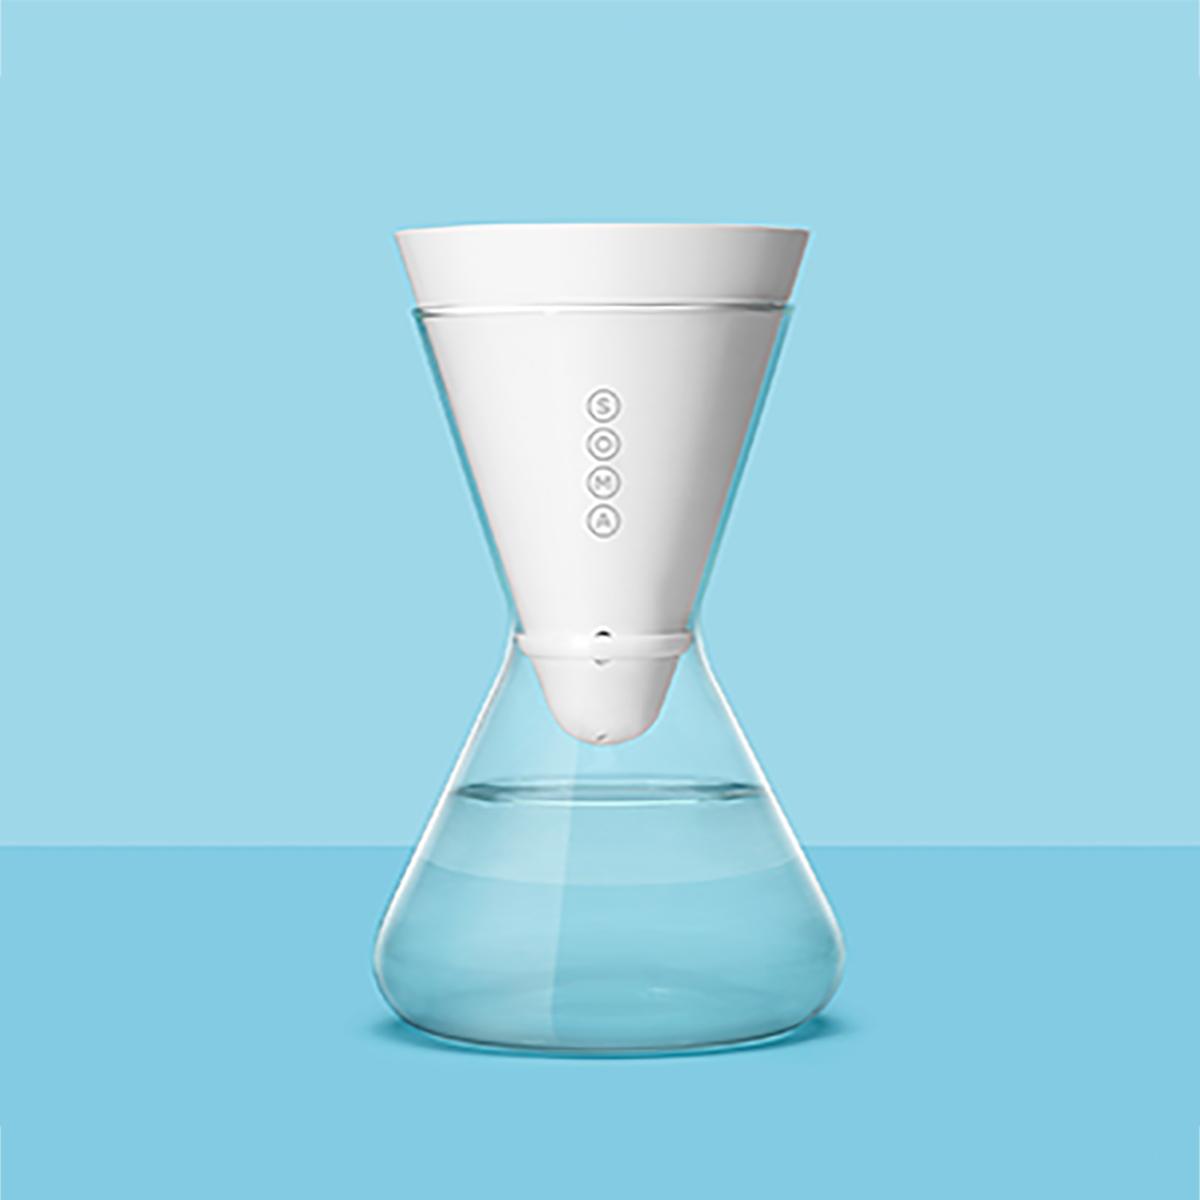 Gifts 4 Men_Soma  water filter carafe.jpg